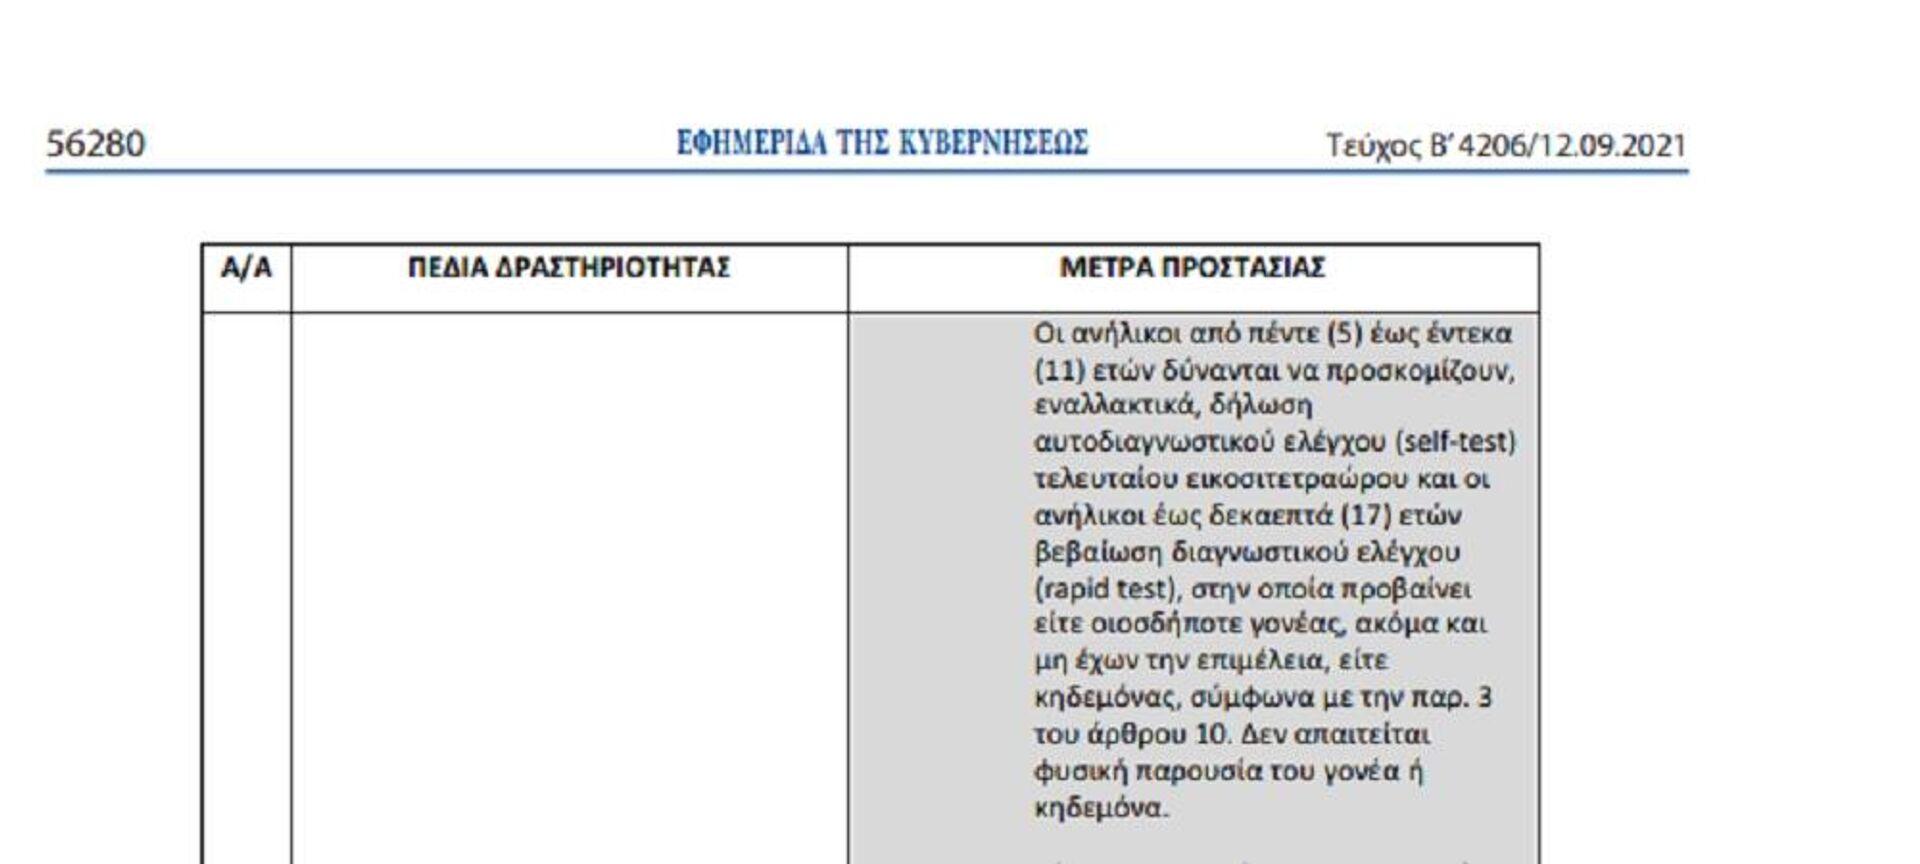 Τρέχον ΦΕΚ για παρουσία ανηλίκων στην εστίαση - Sputnik Ελλάδα, 1920, 13.09.2021